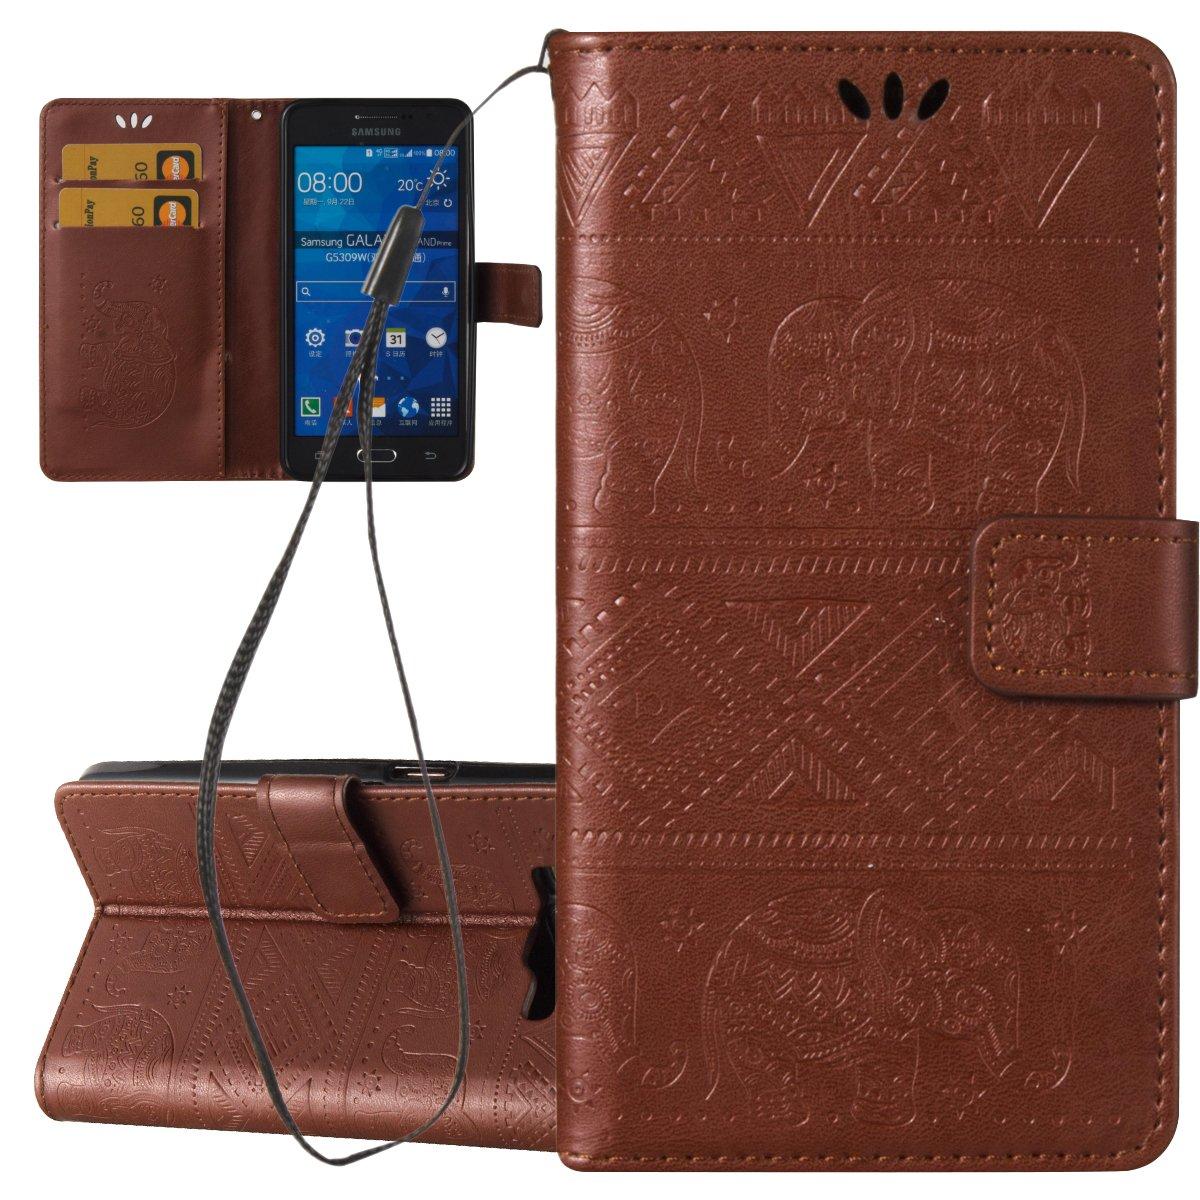 ISAKEN Custodia Cover per Samsung Galaxy Grand Prime G530 Libro Wallet Flip Portafoglio Cover in PU Pelle Tinta Unita Custodia Rose Protezione Caso con Supporto di Stand/Carte Slot, Rose: Blu Scuro FASNO015138